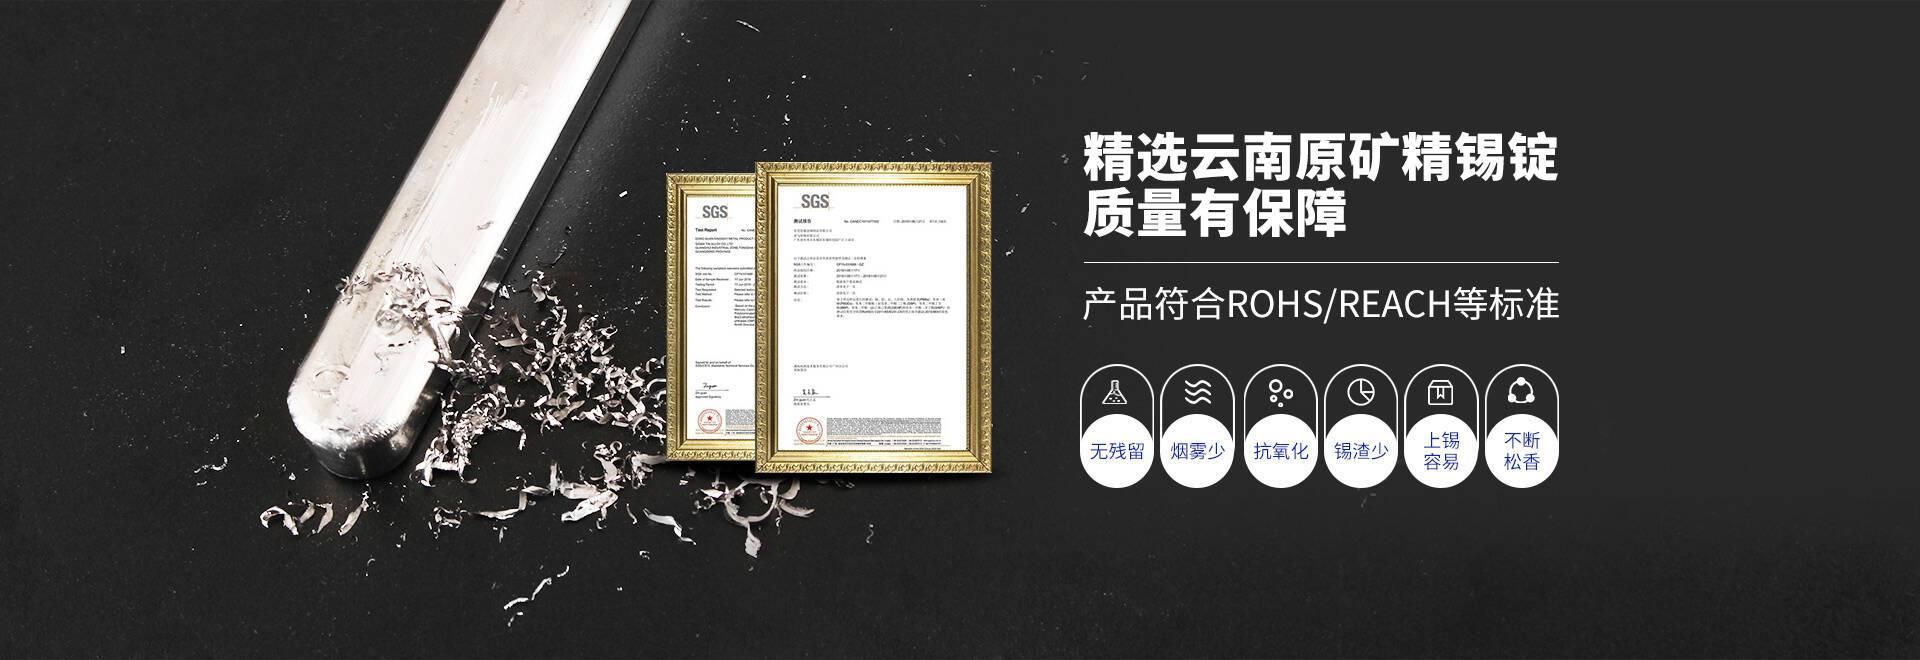 星威产品符合ROHS/REACH等标准